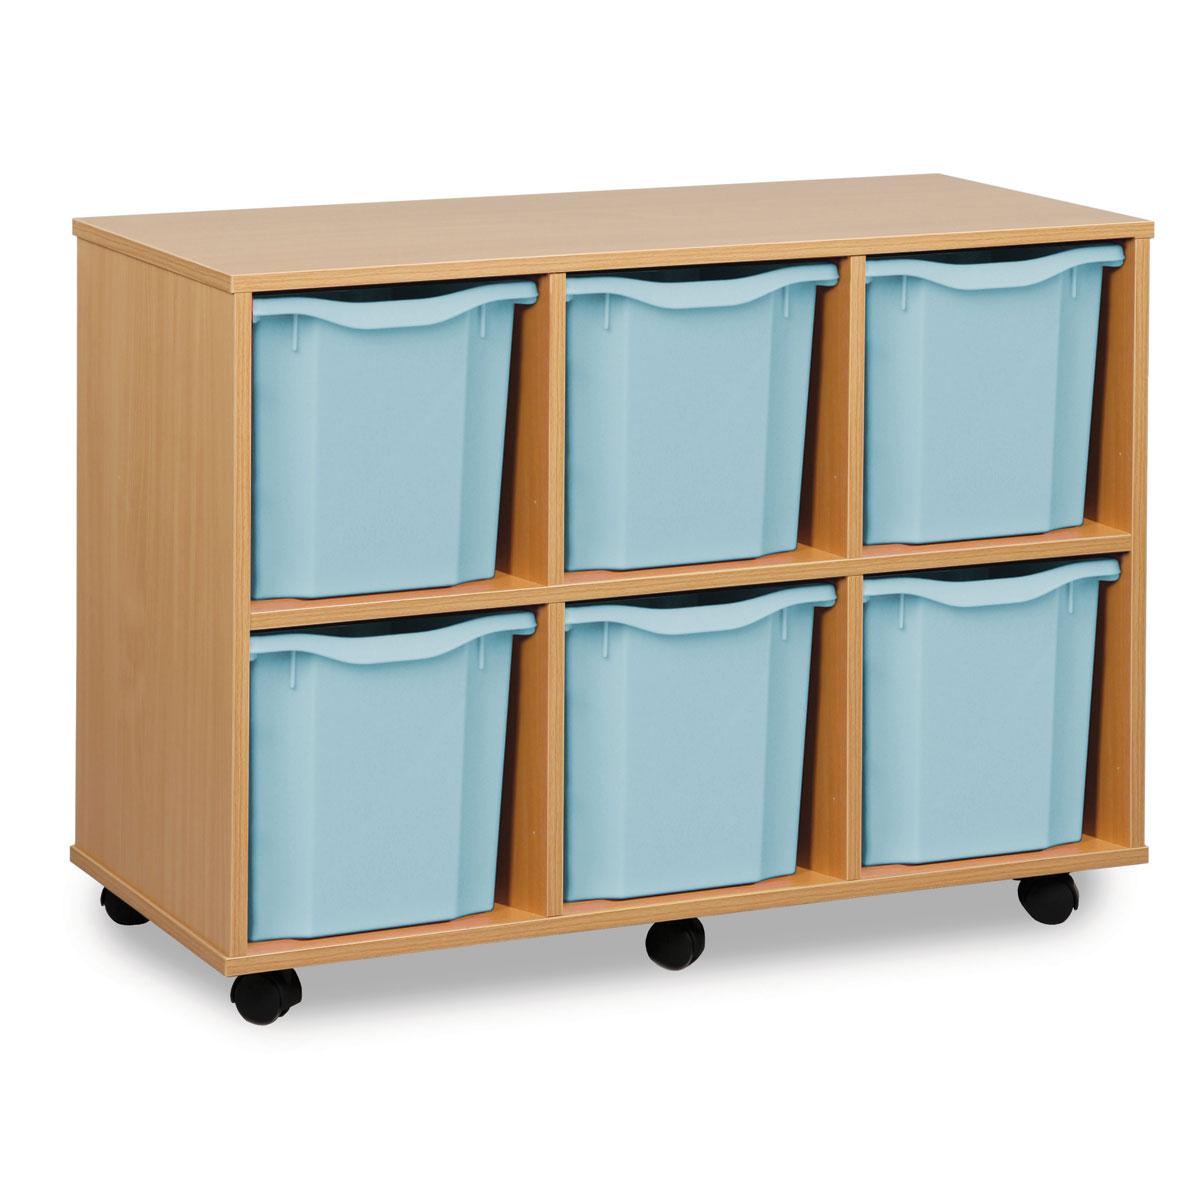 Buy 6 Jumbo Tray Storage Unit Meq1062 Primary Ict